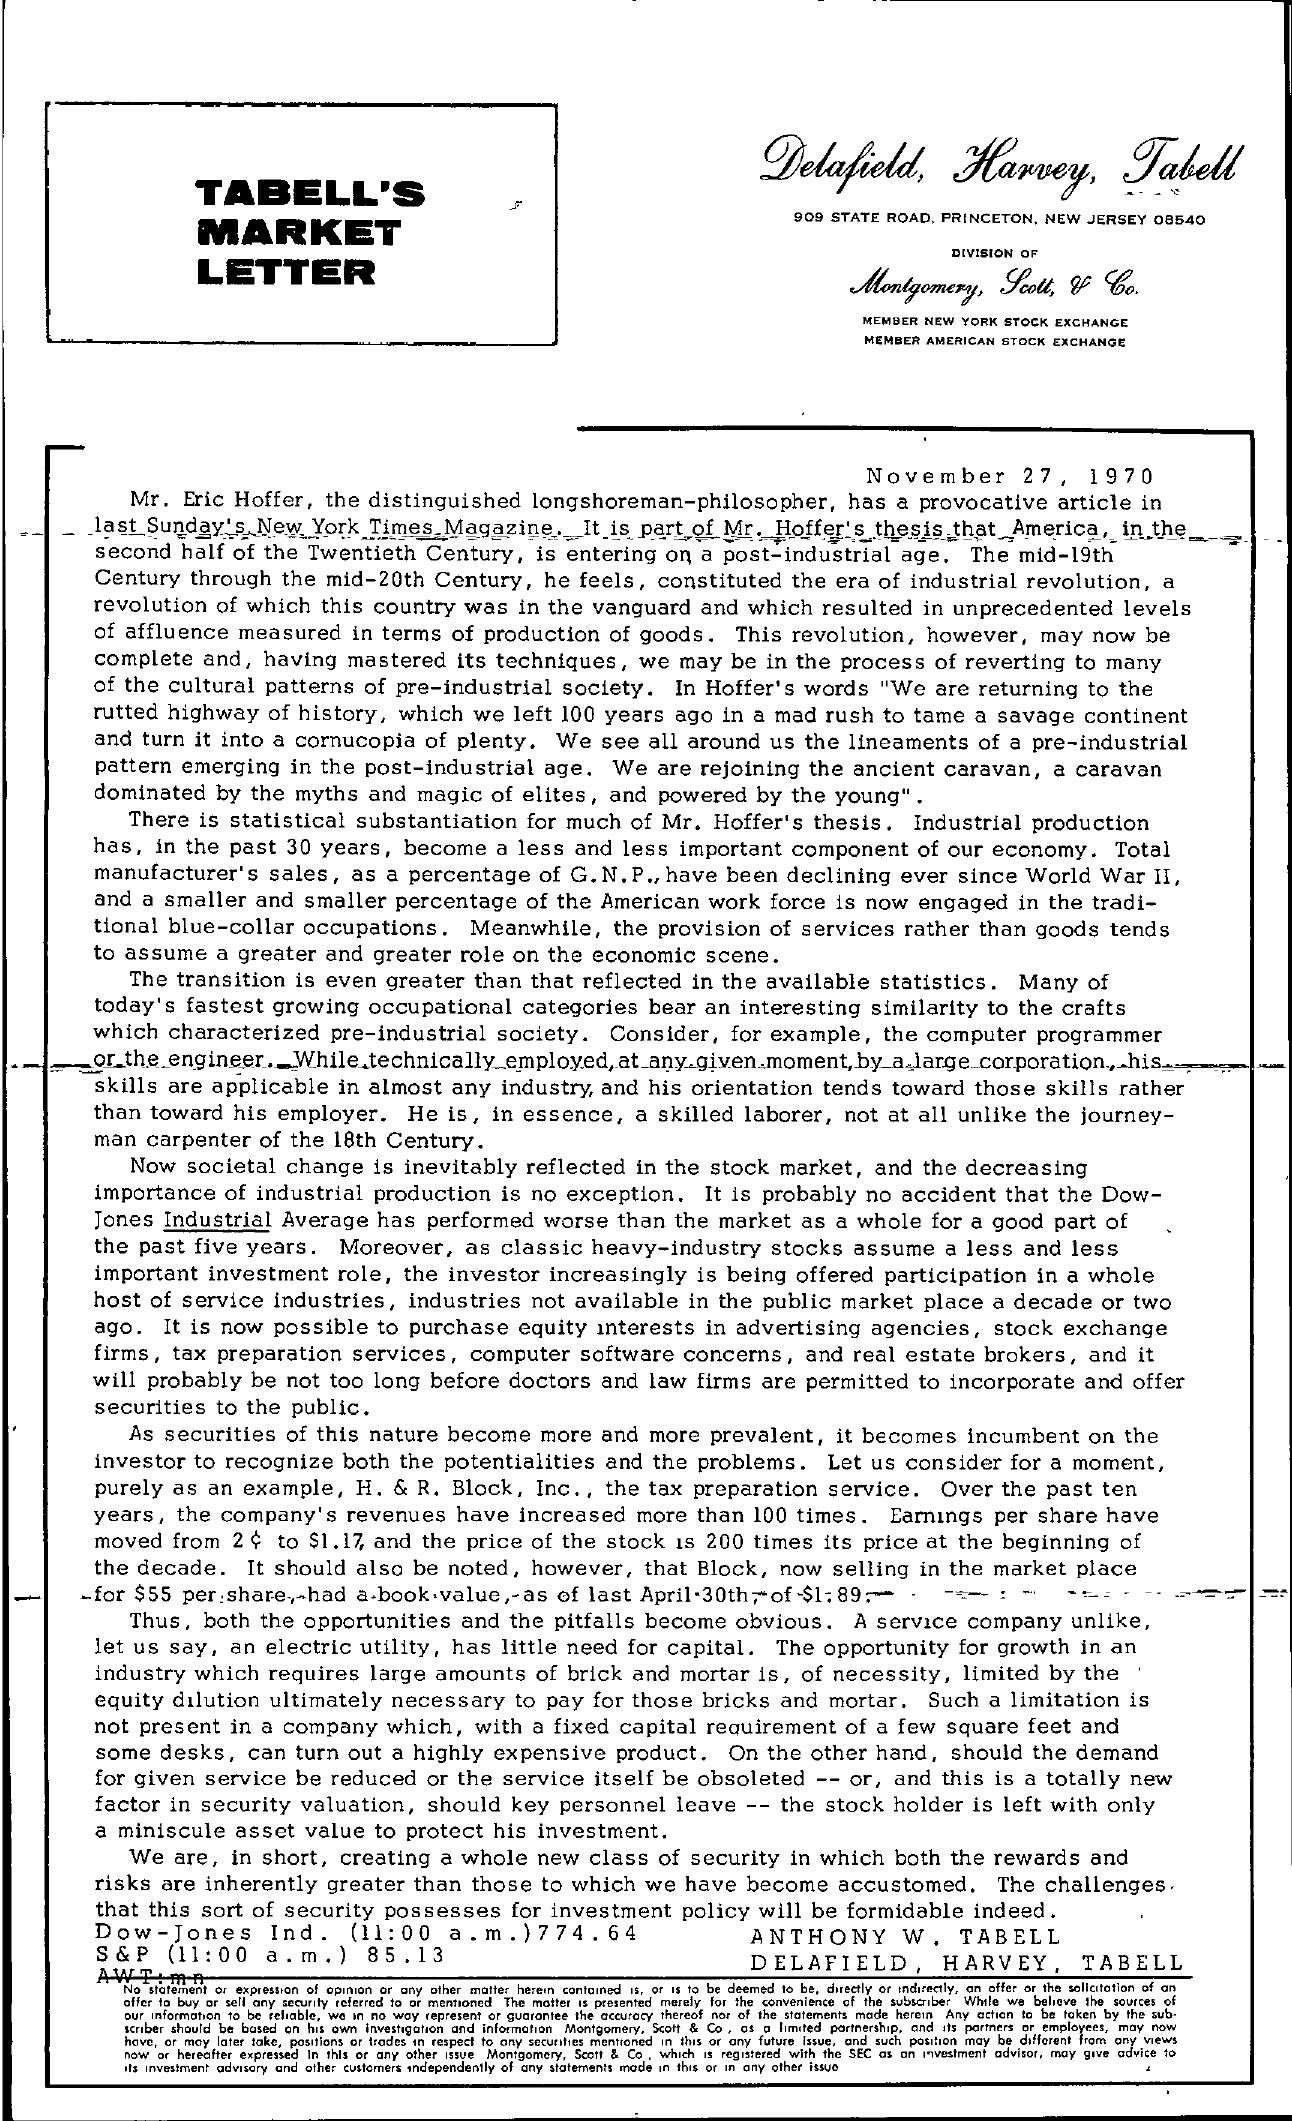 Tabell's Market Letter - November 27, 1970